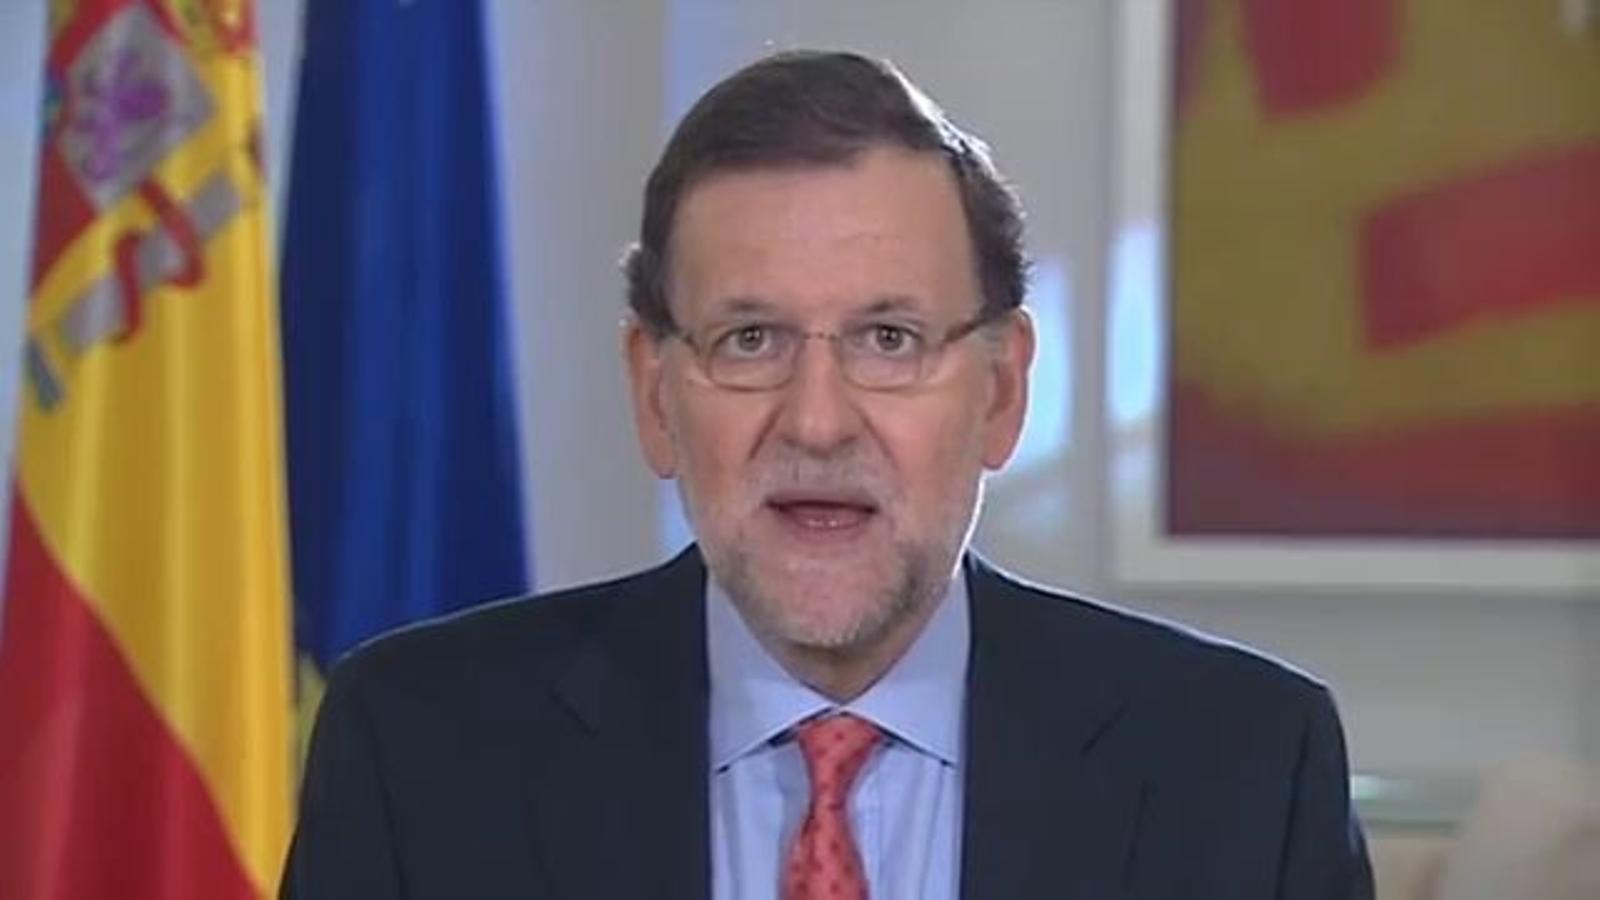 Declaració institucional de Mariano Rajoy sobre el referèndum d'Escòcia